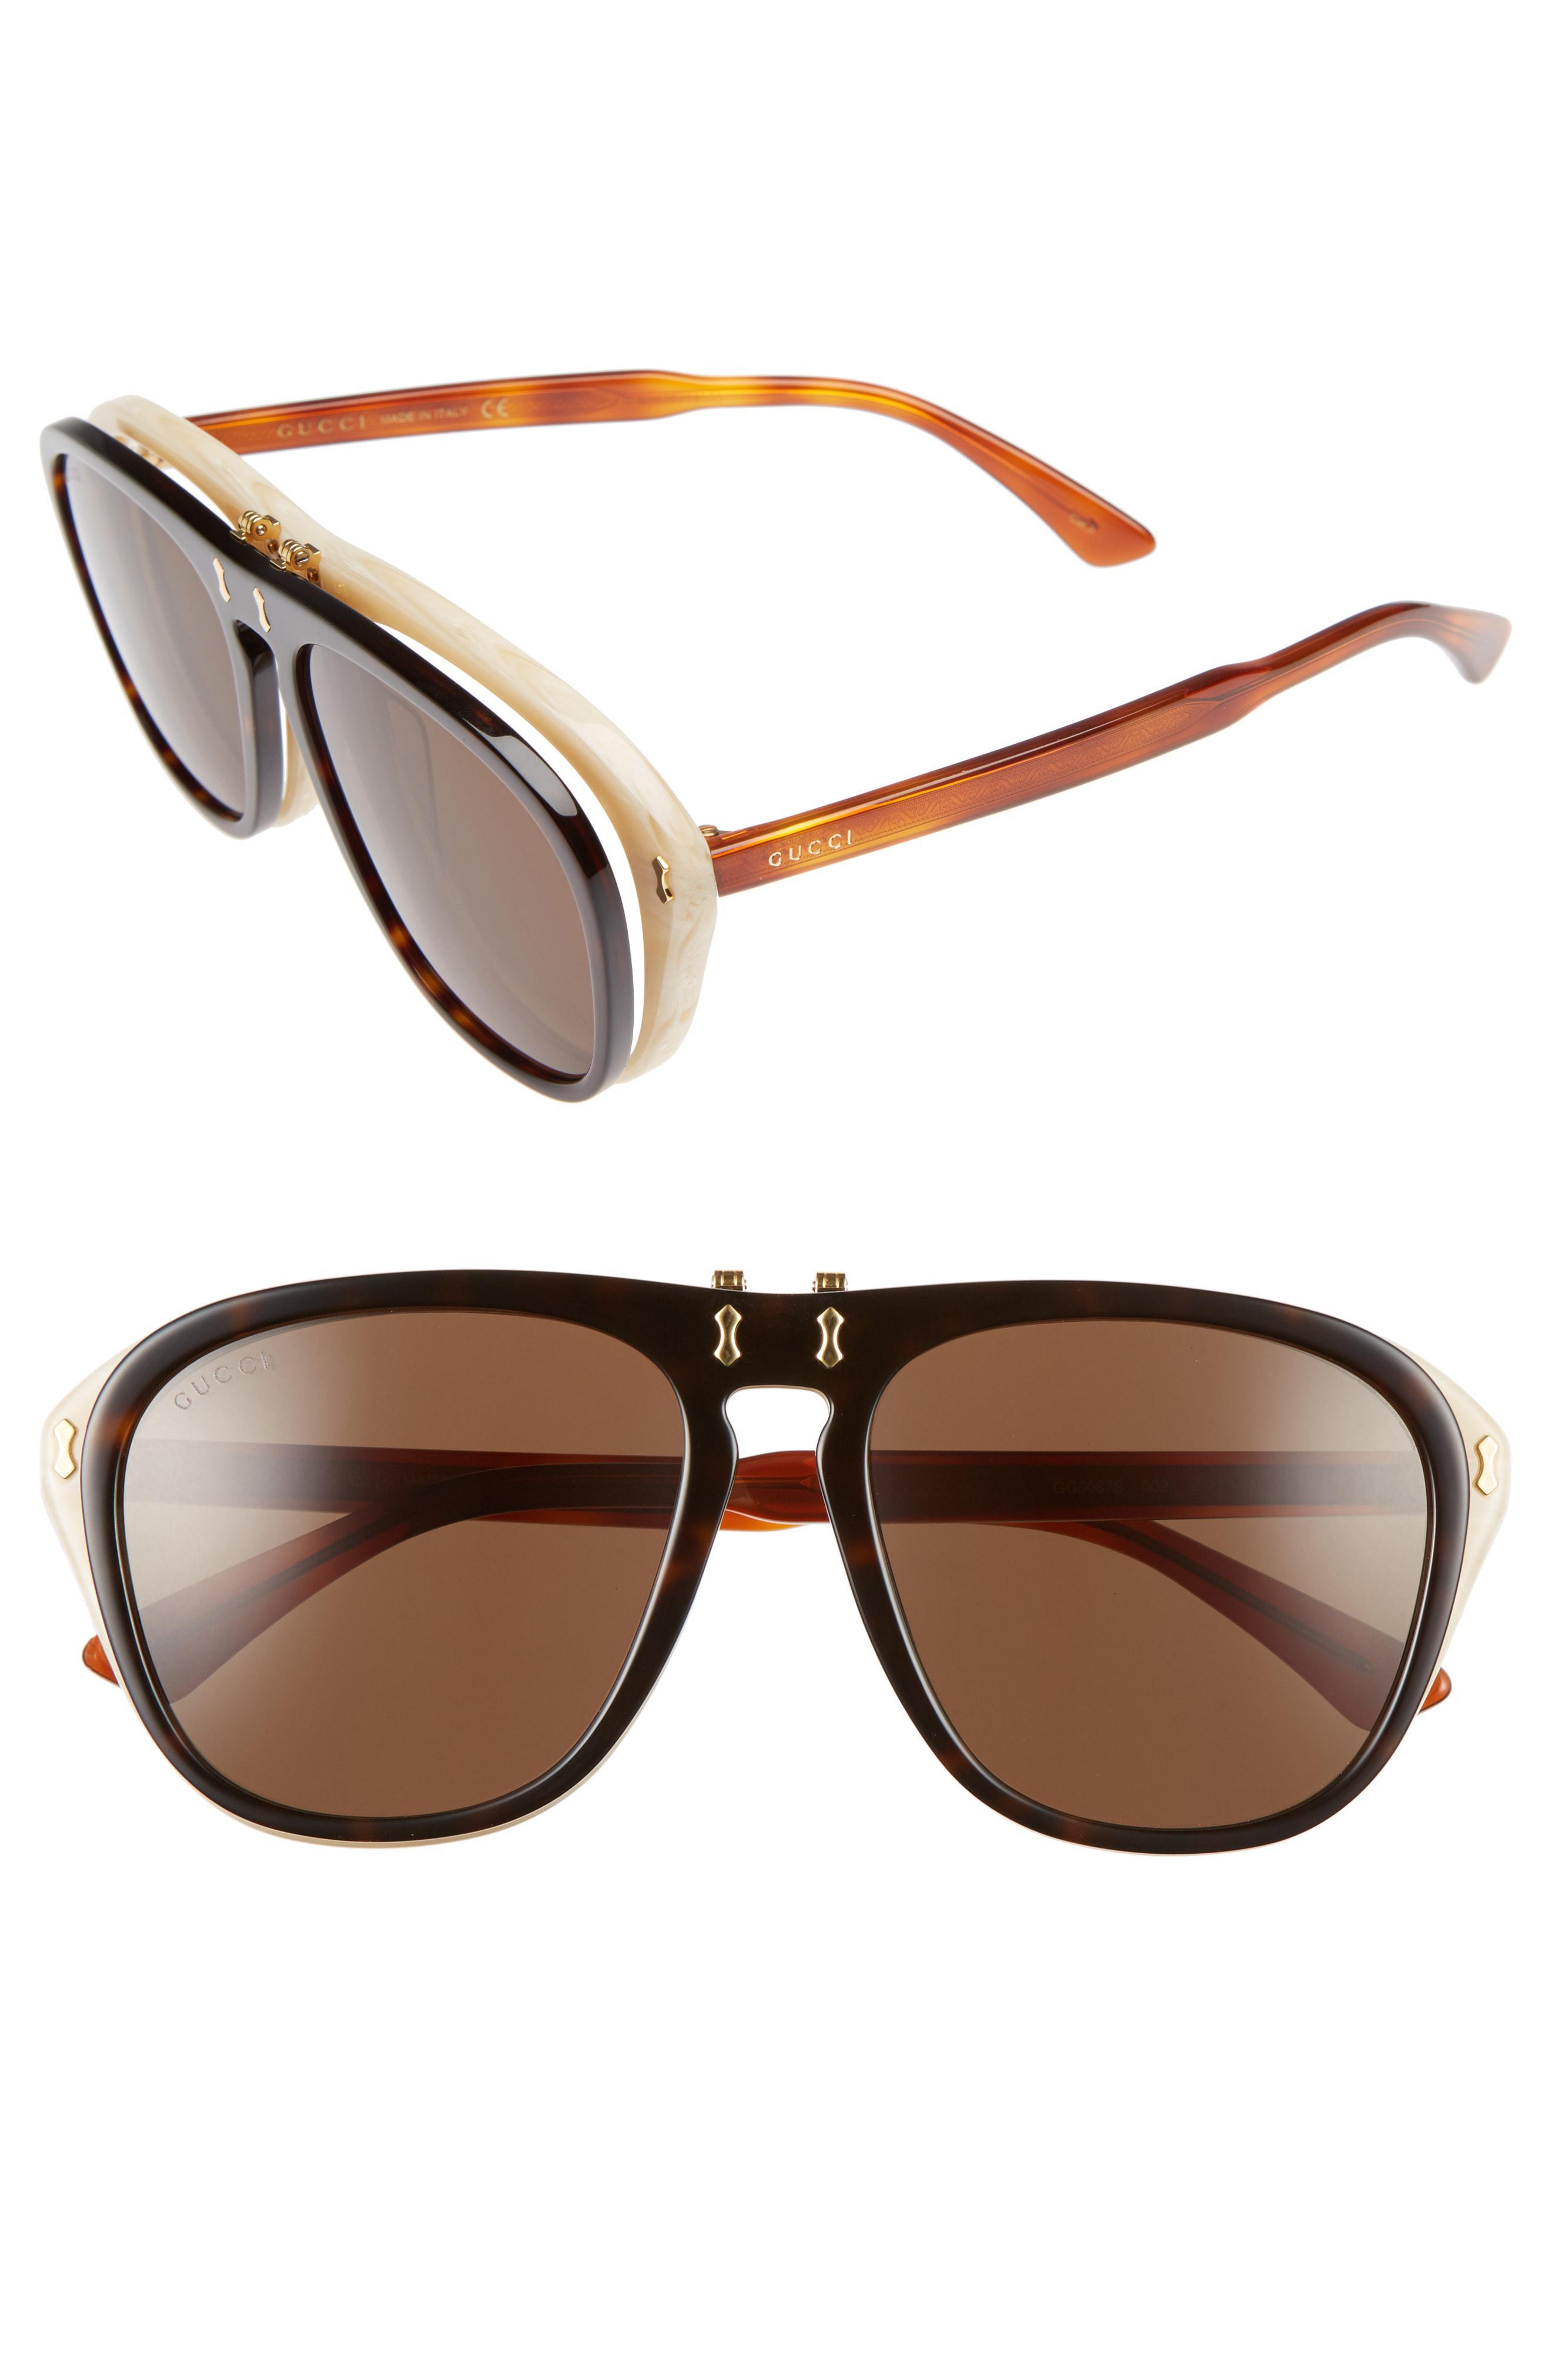 220aeafe43d50 Lyst - Gucci 56mm Flip-up Sunglasses - Havana  Brown in Brown